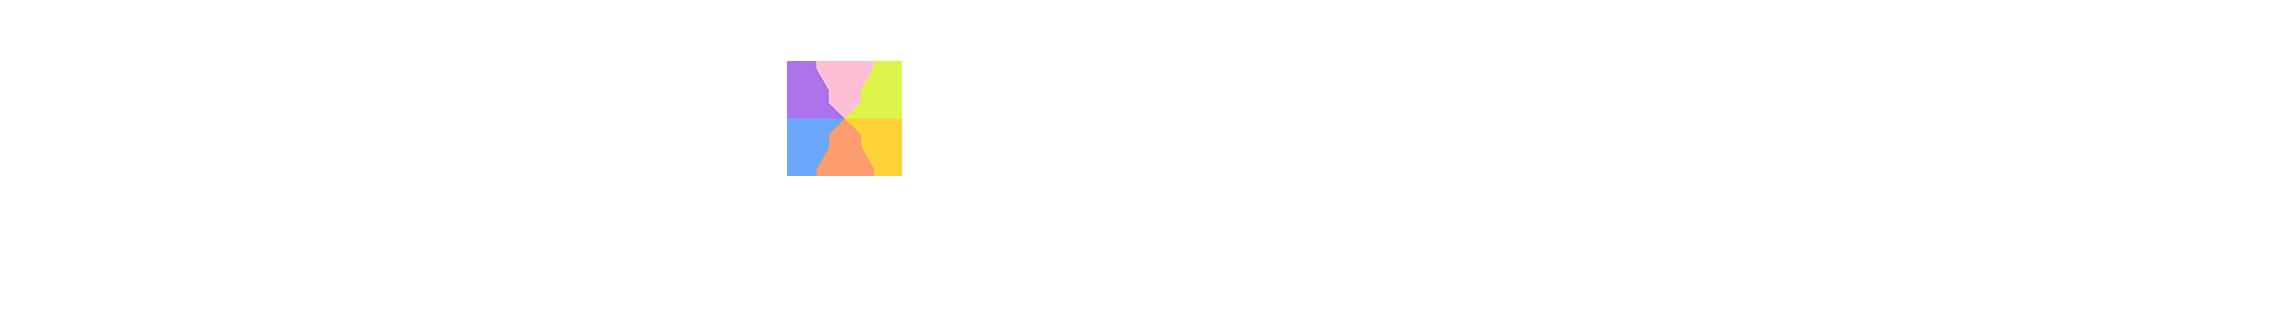 MoreBranches